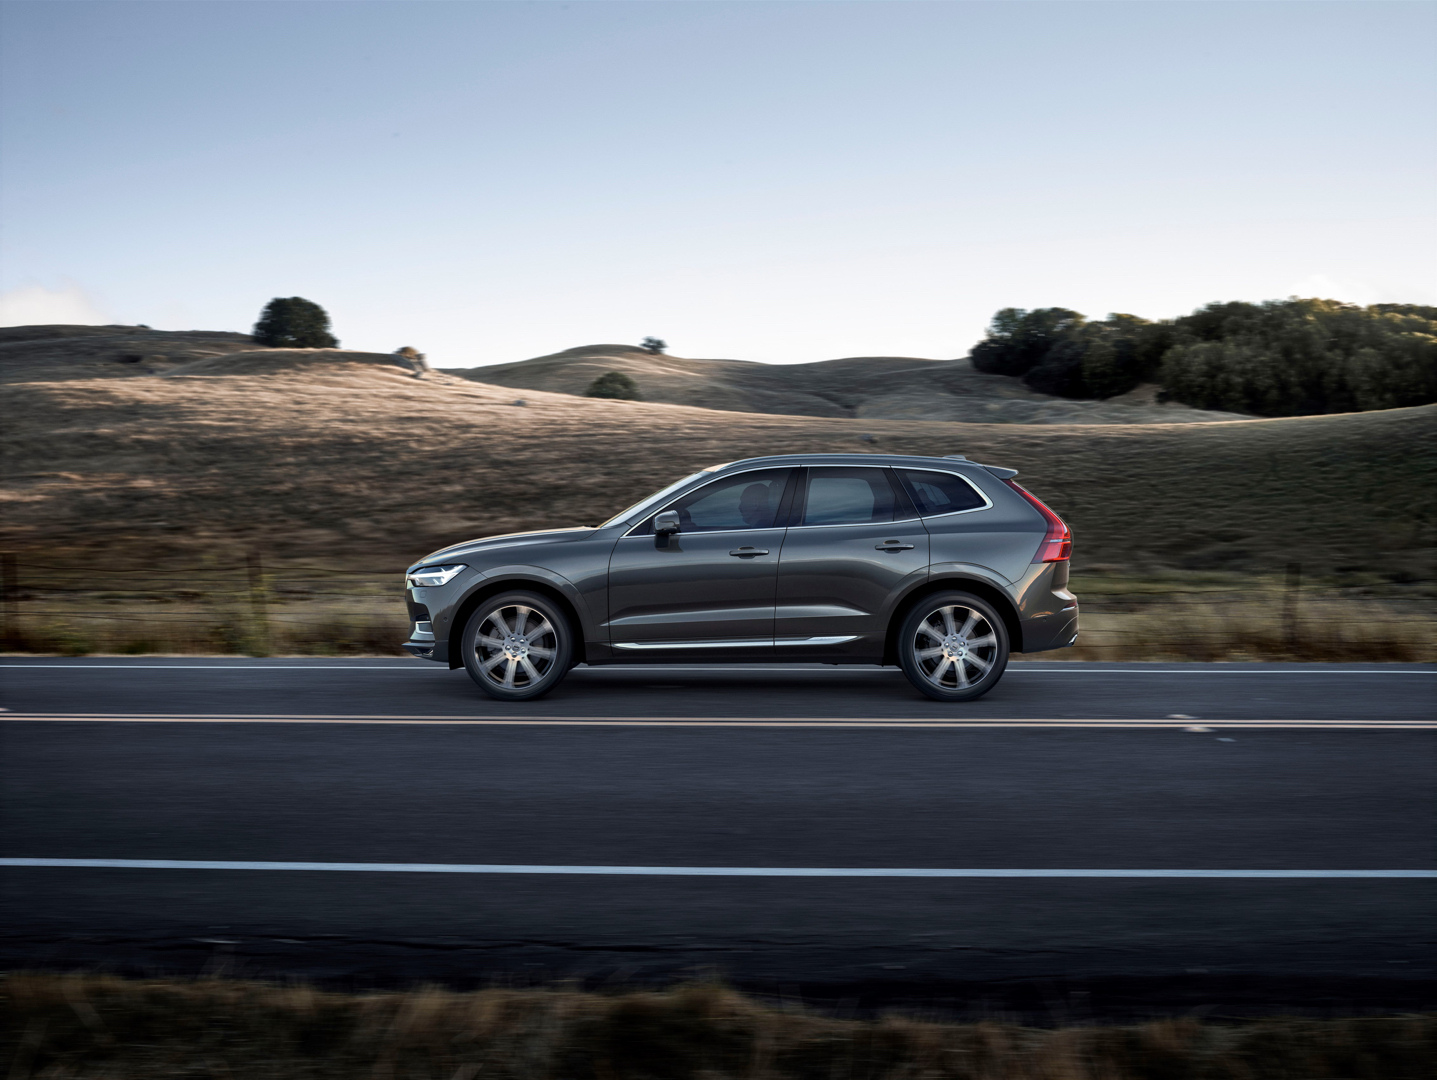 205066_The_new_Volvo_XC60